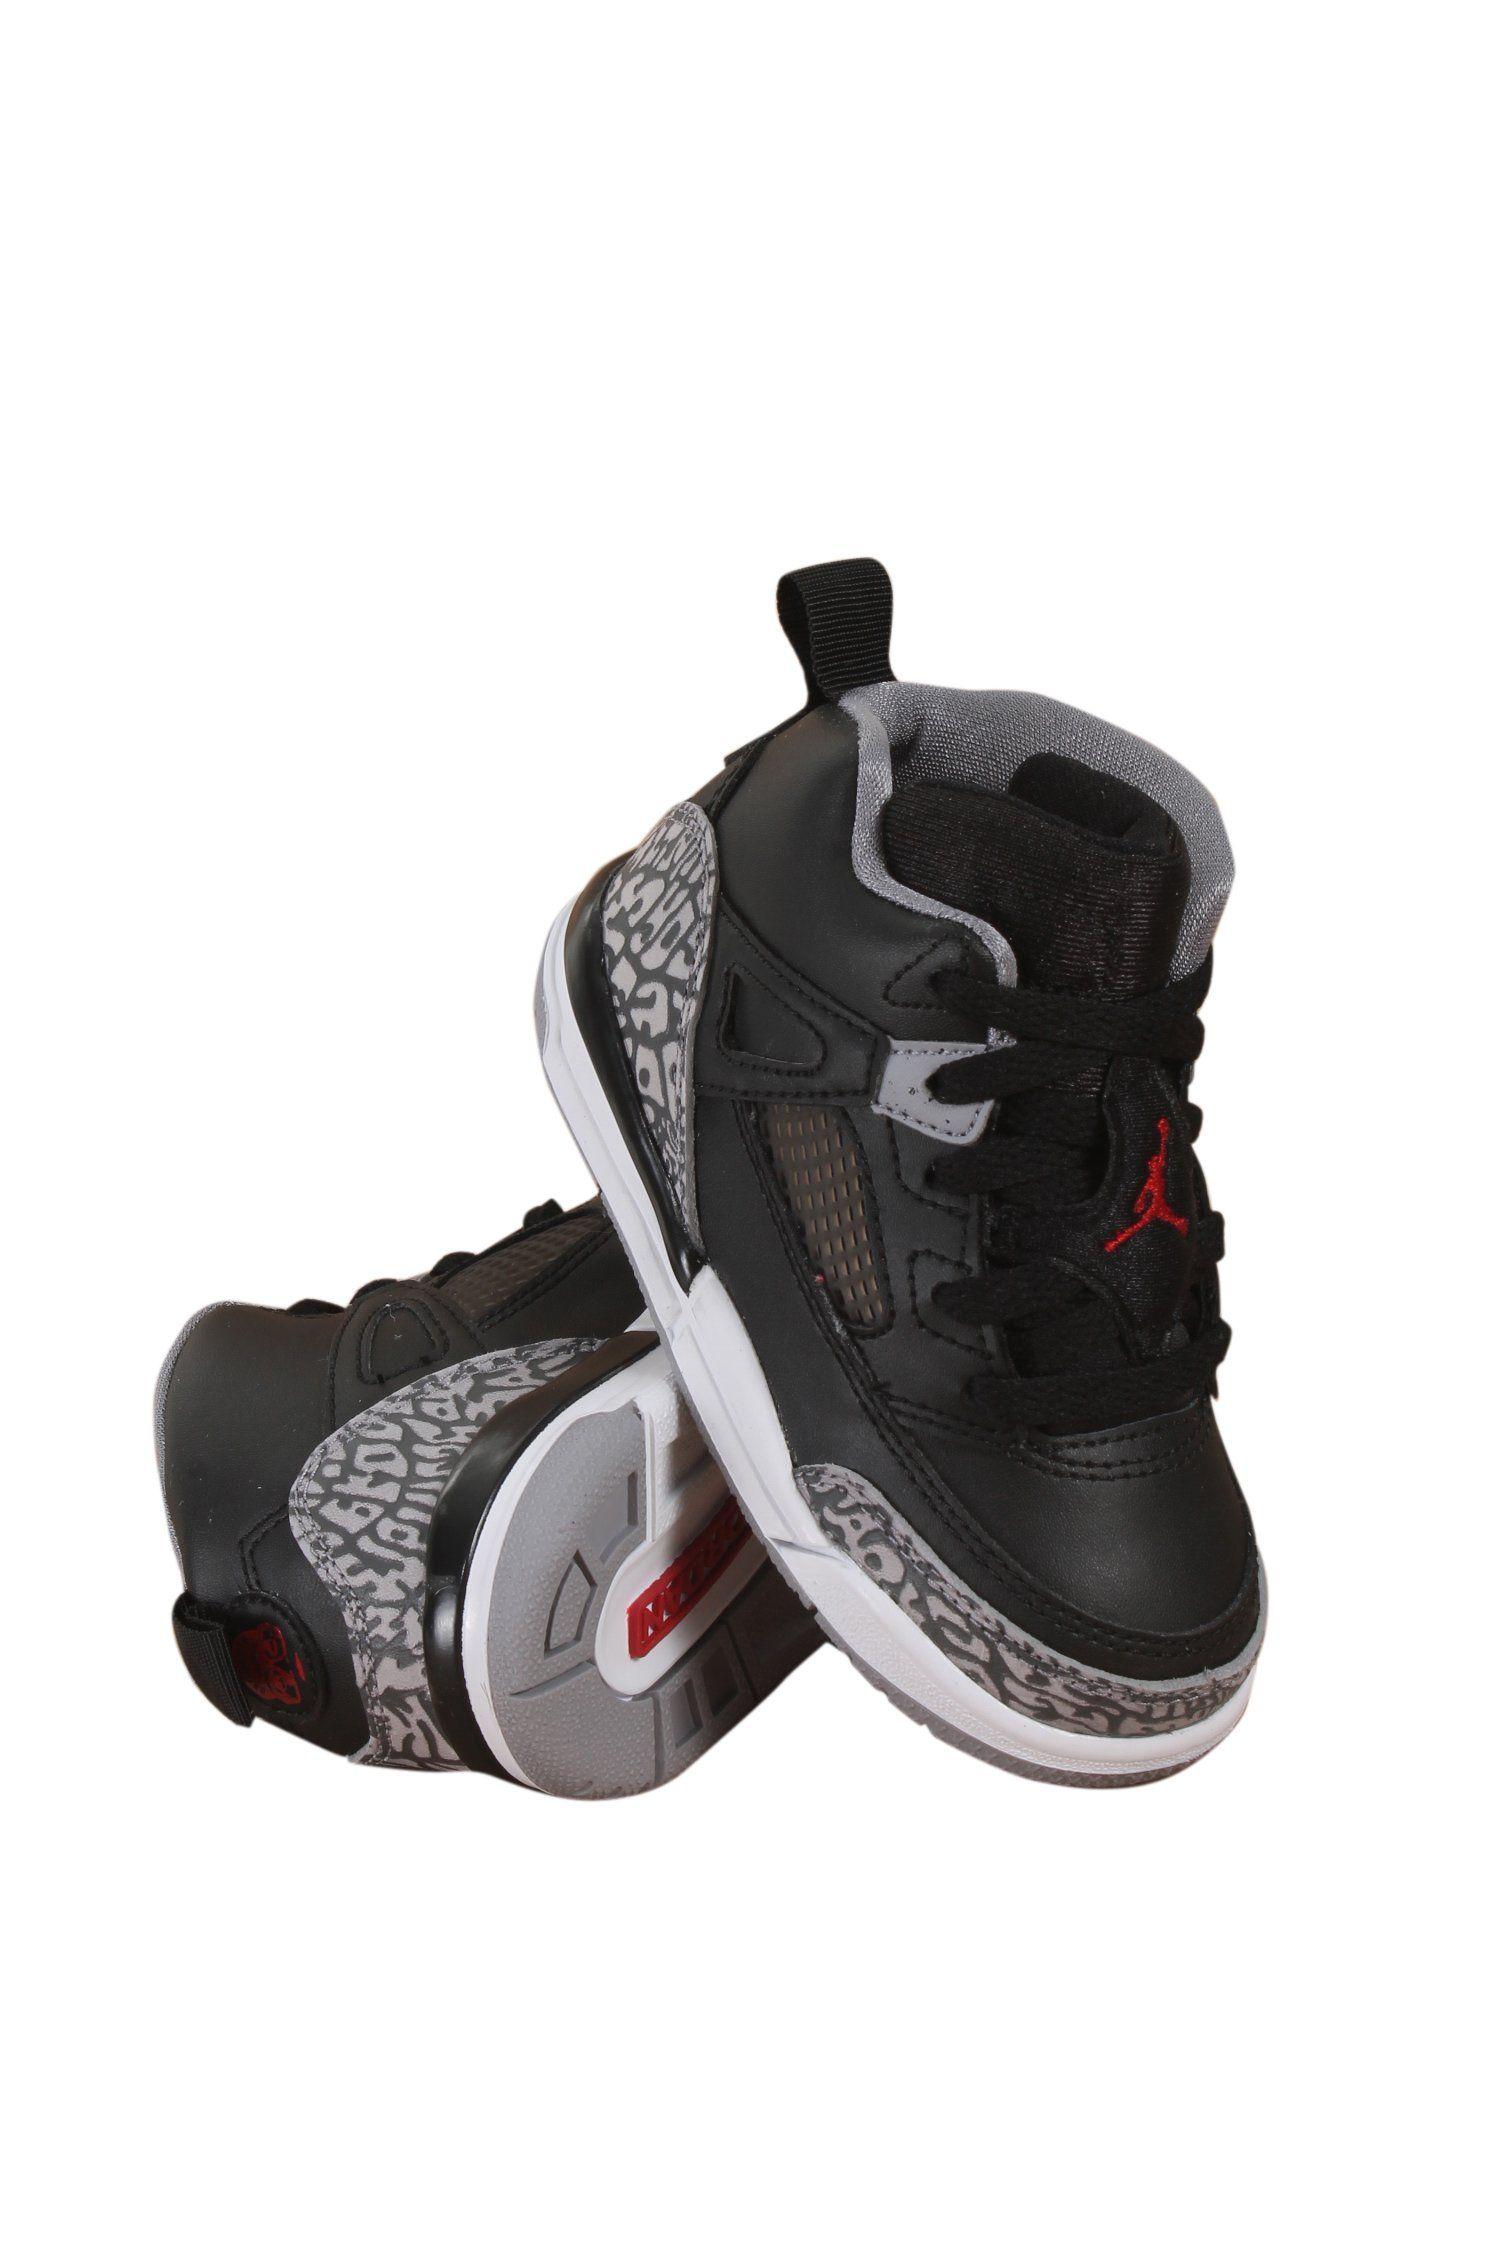 fe341927b28d Toddler Nike Air Jordan Spizike BT Black Cement Black White Red (8C ...